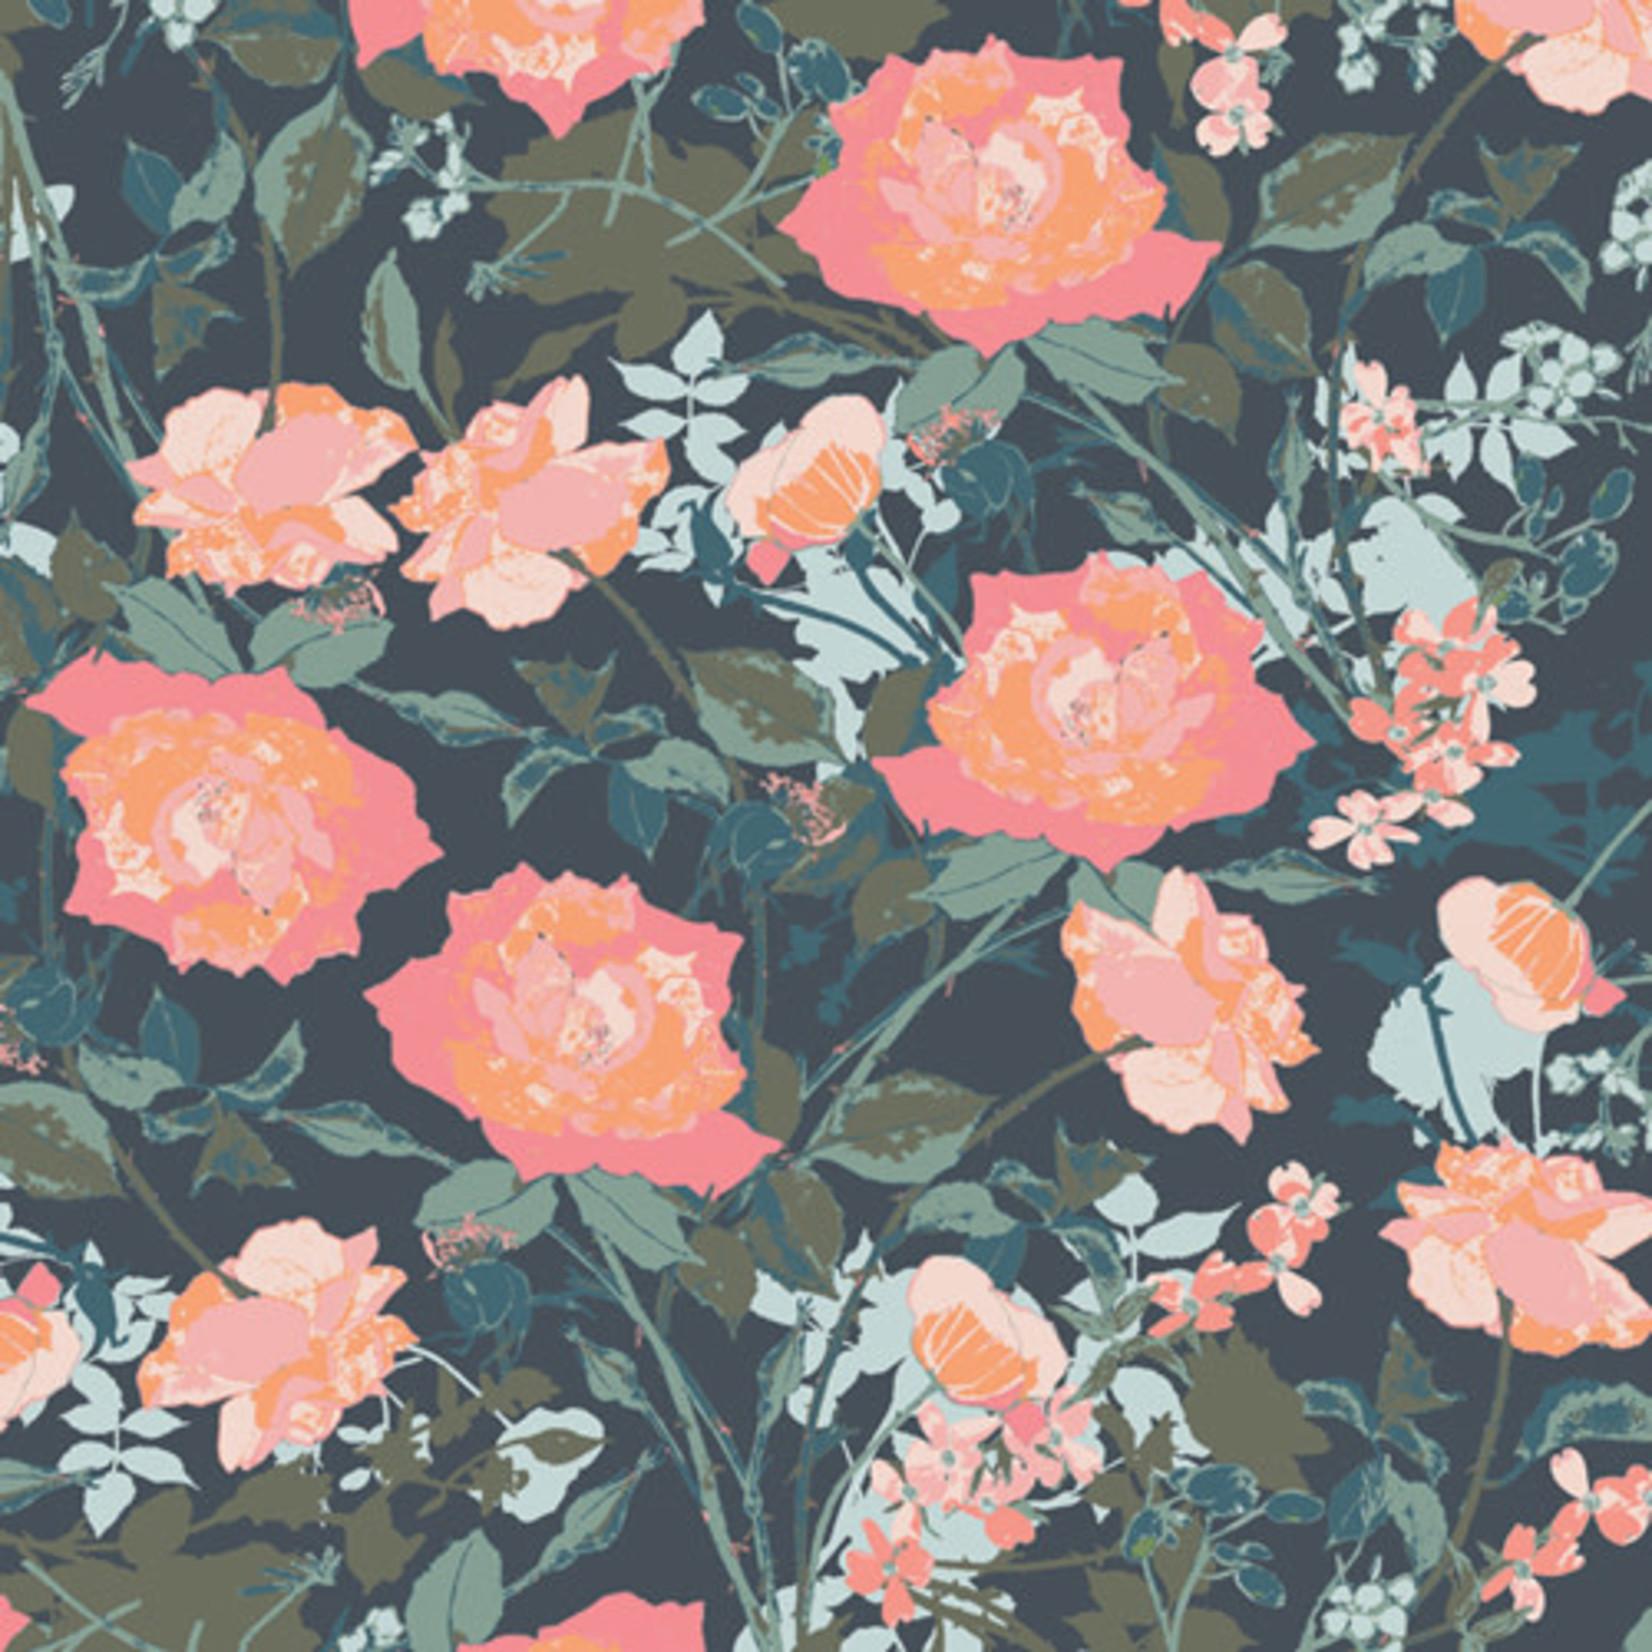 ART GALLERY PICTURESQUE, ROSEMANTIC TRELLIS DIM 39450 0.20/cm or $20/m